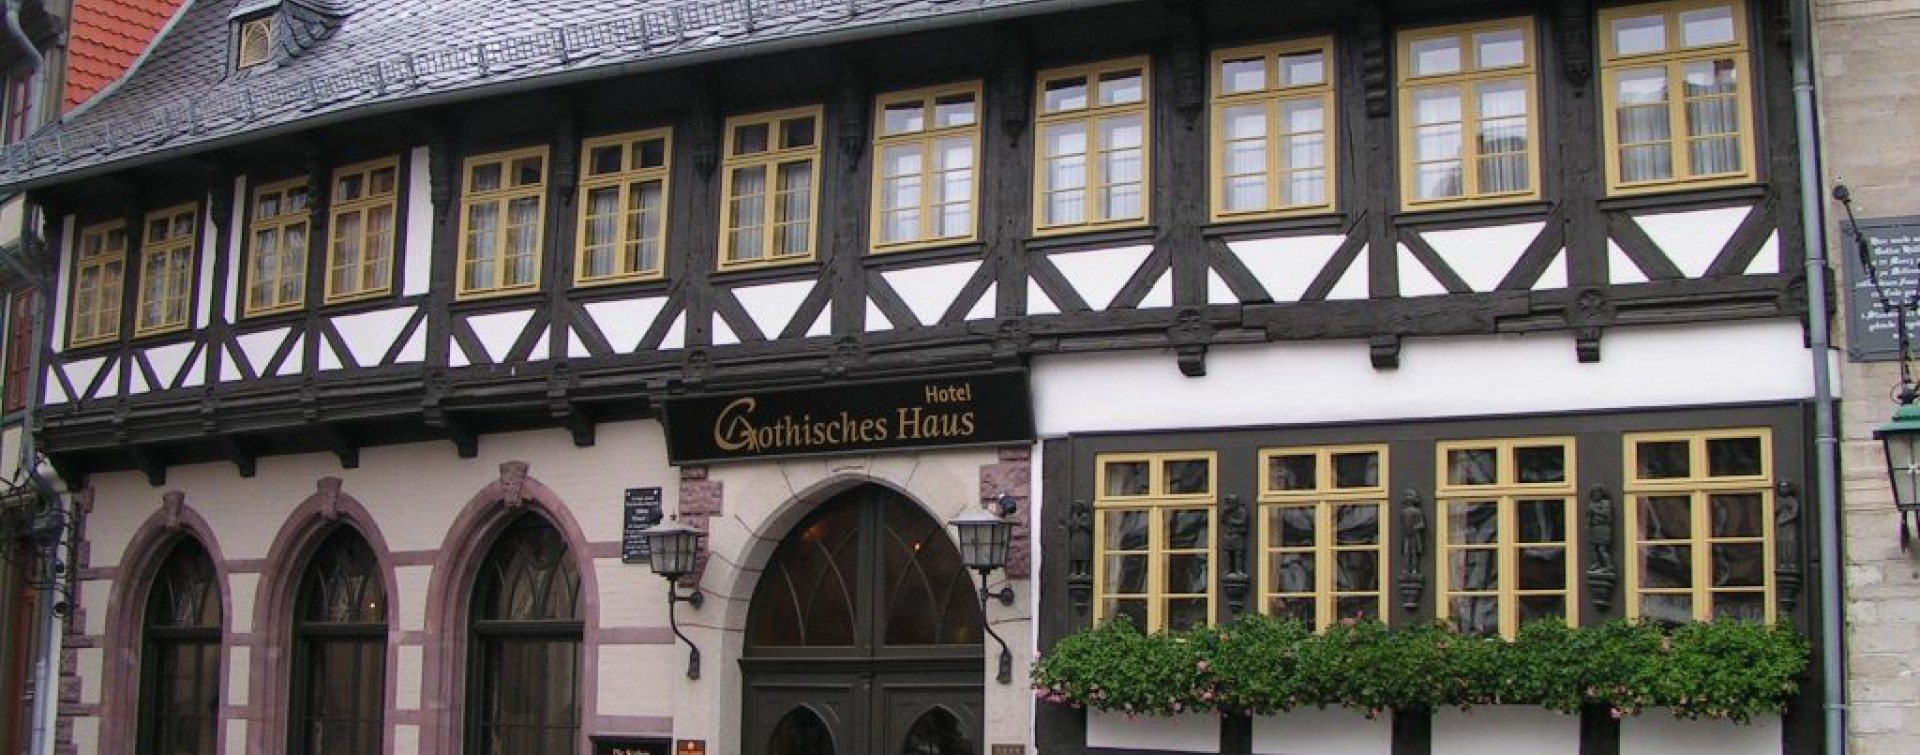 Hotel Gothisches Haus